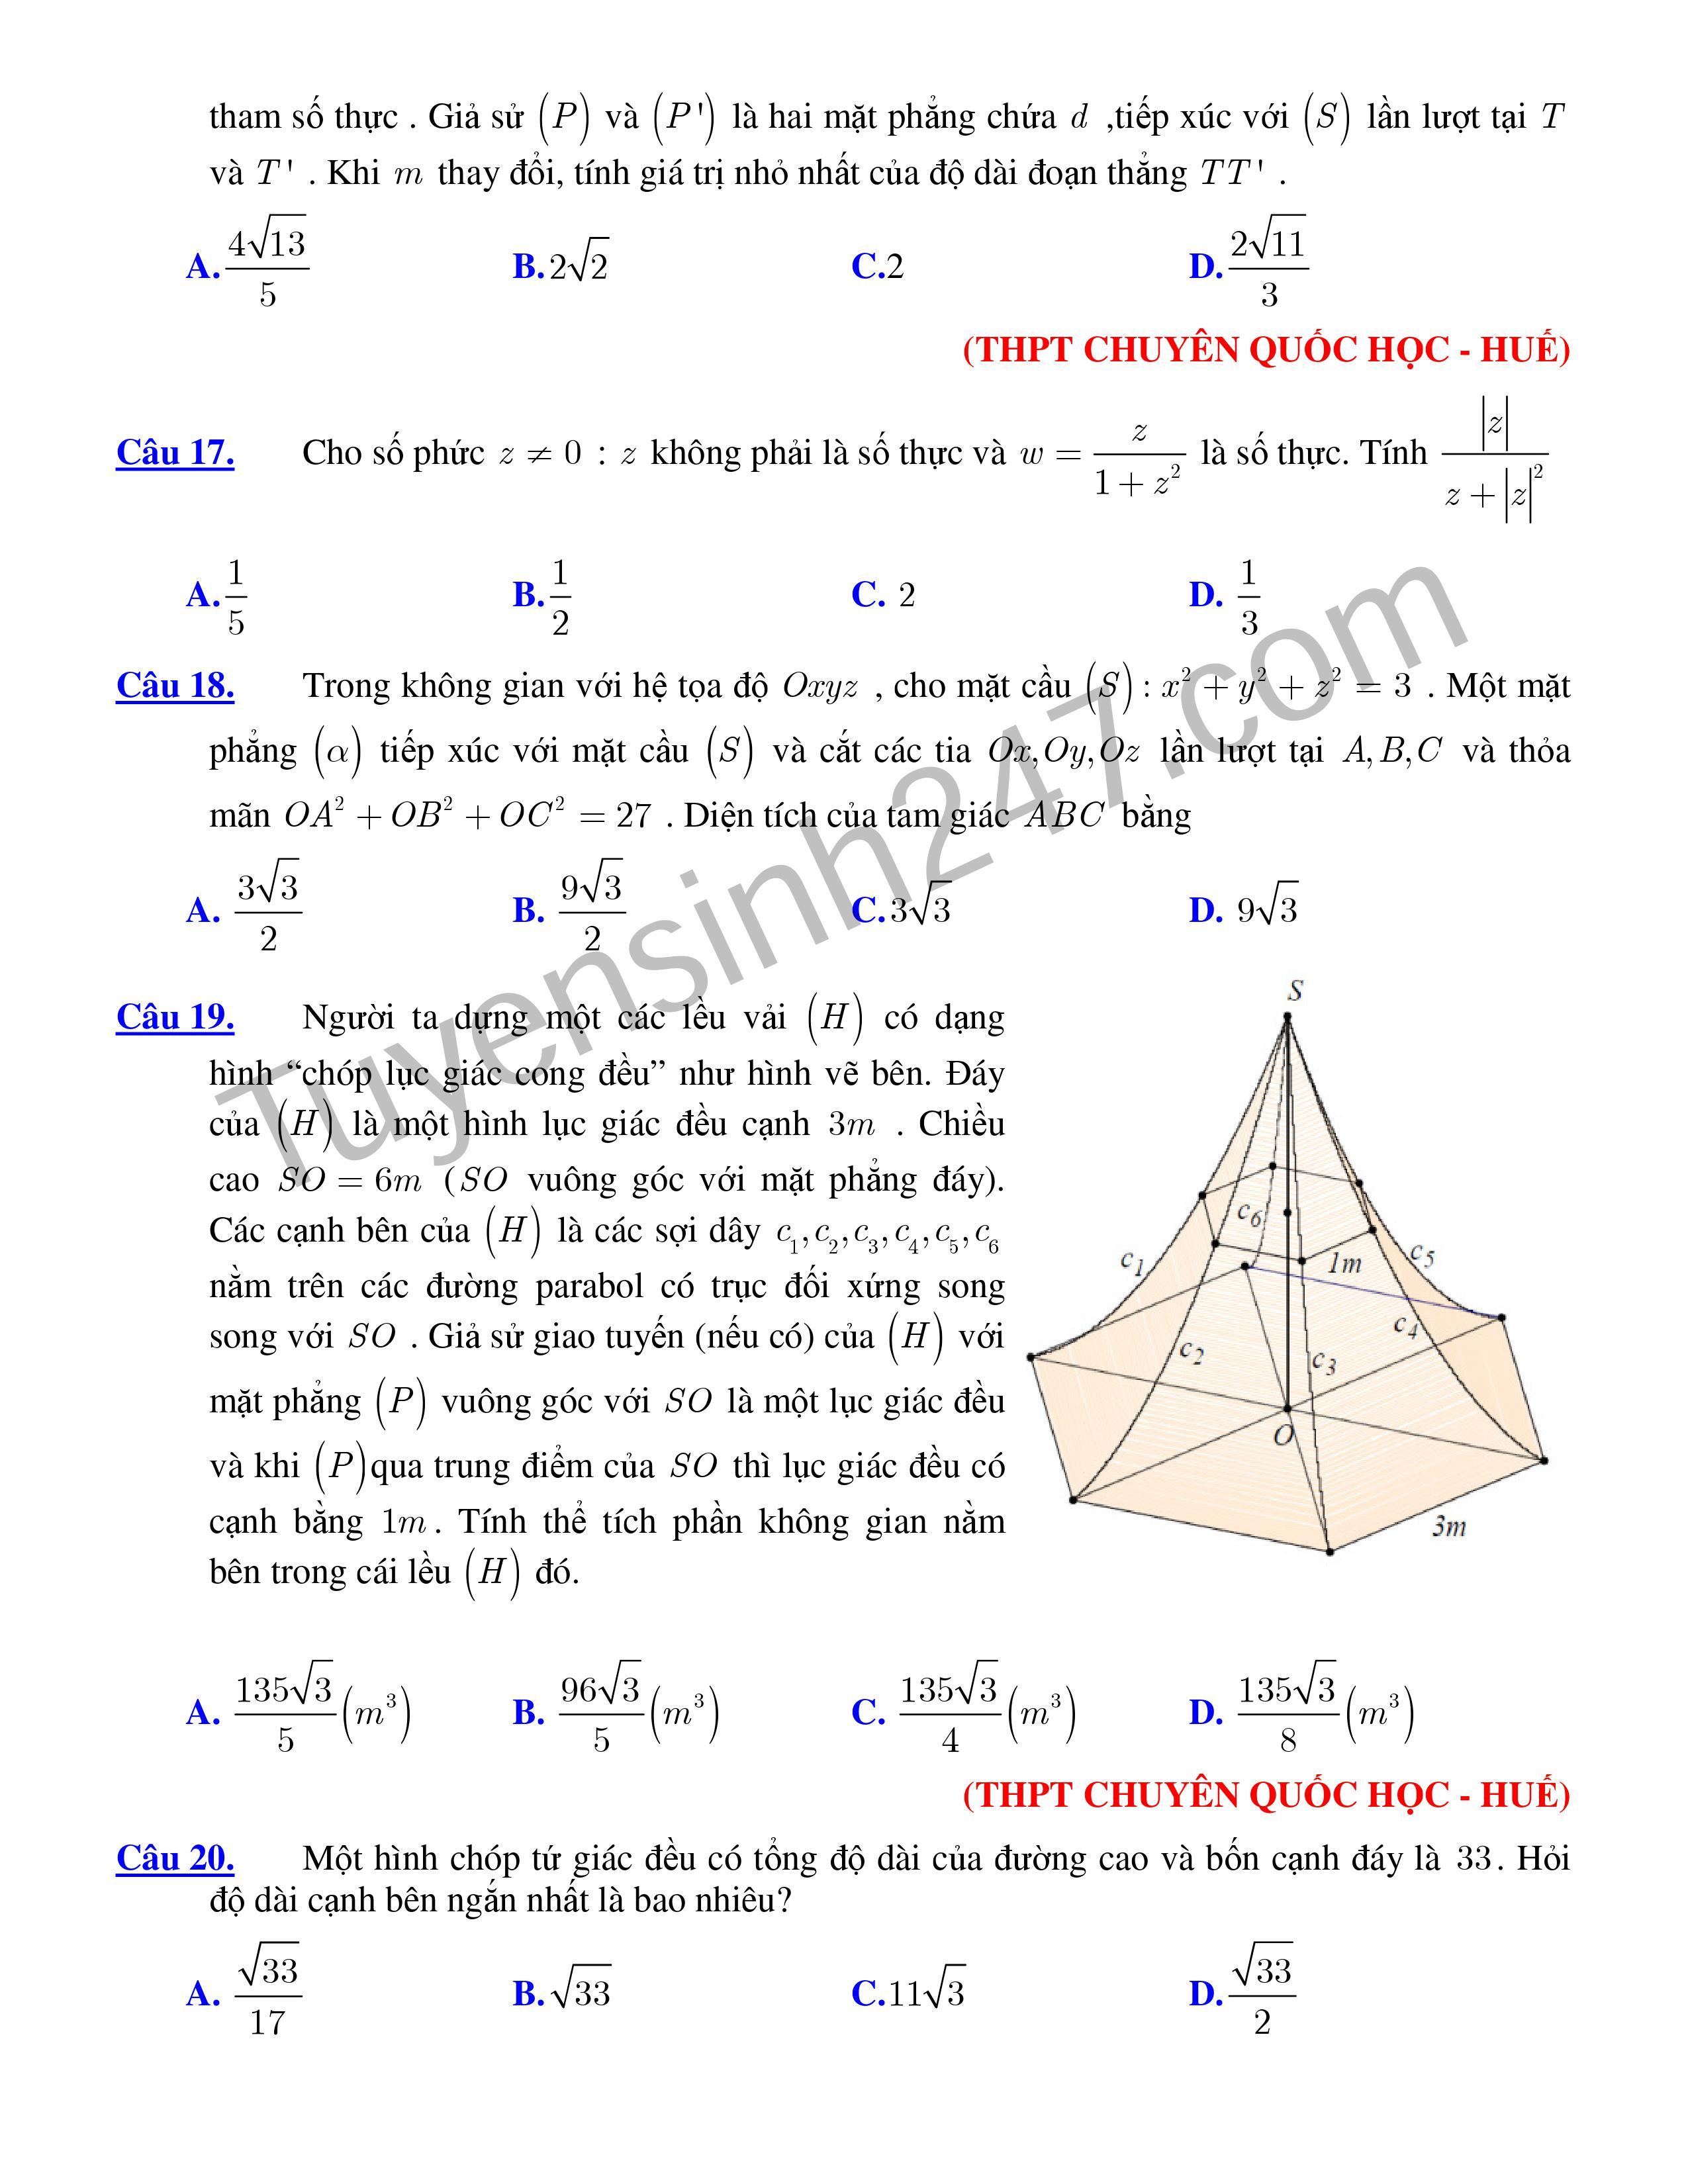 152 câu hỏi  trắc nghiệm vận dụng cao trong các đề thi thử THPT QG (có đáp án)